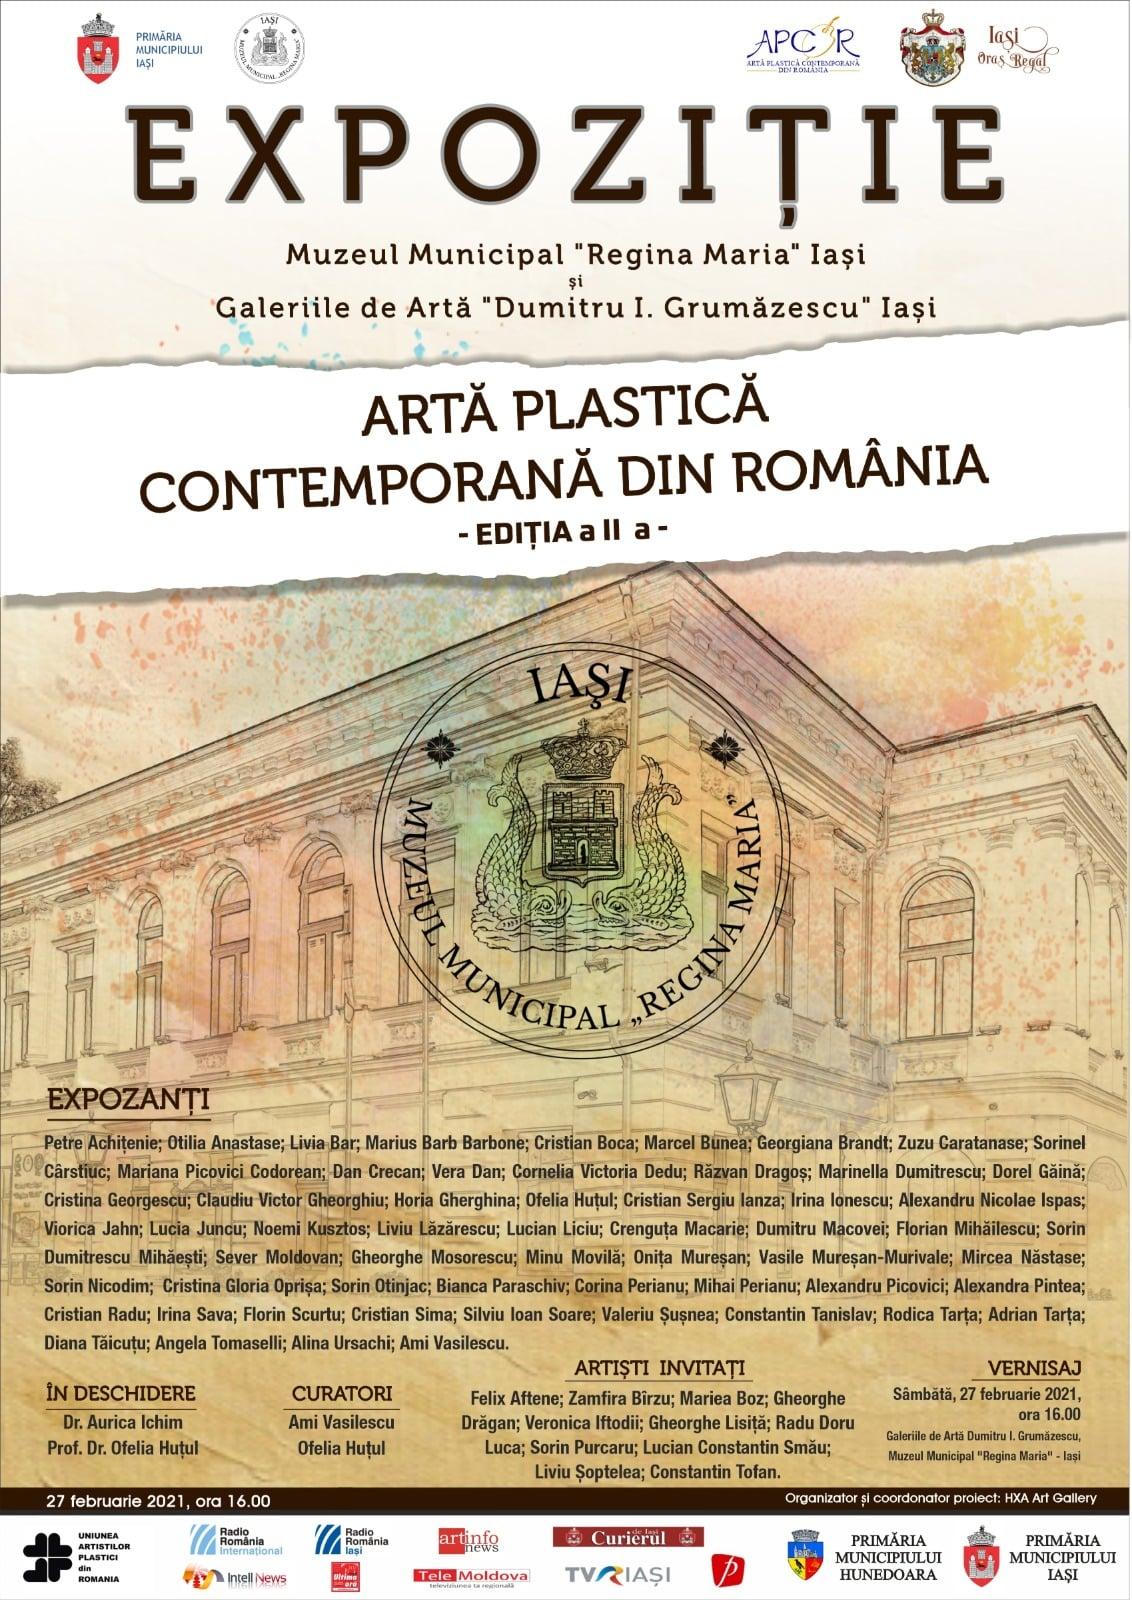 Artă Plastică Contemporană din România, Ediția a II-a